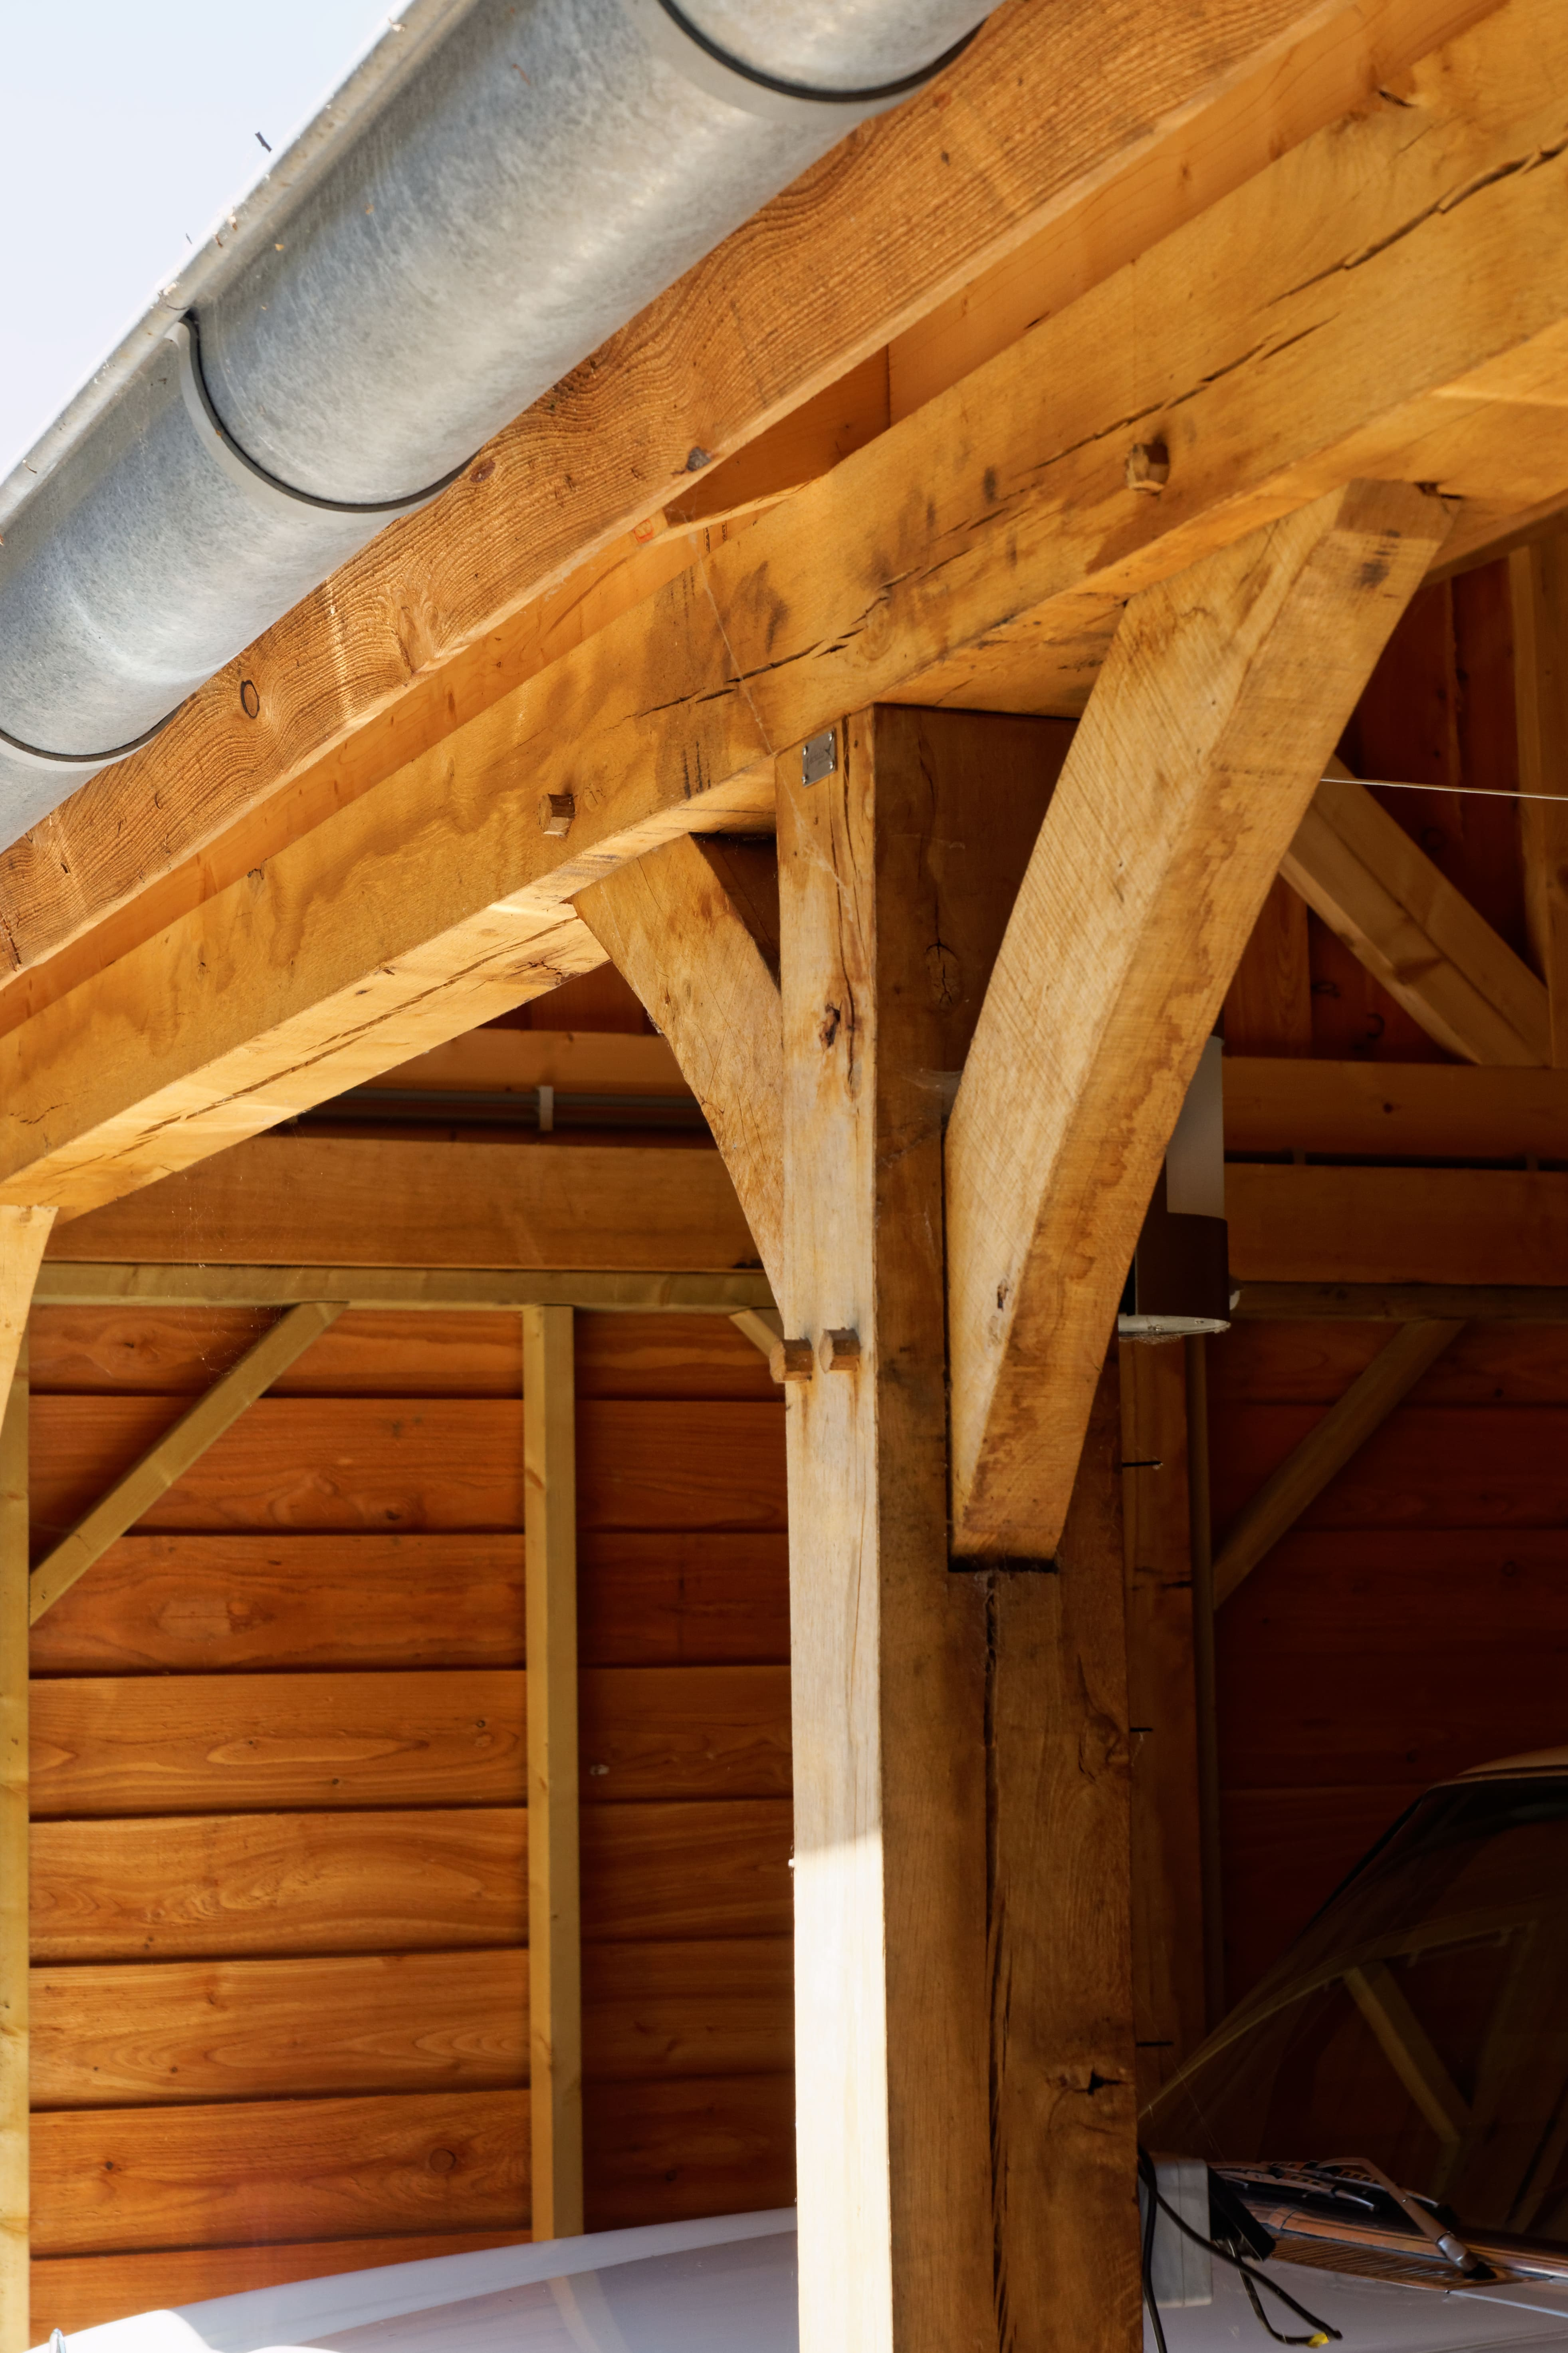 houten-kapschuur-met-overkapping-4 - Kapschuur met overkapping